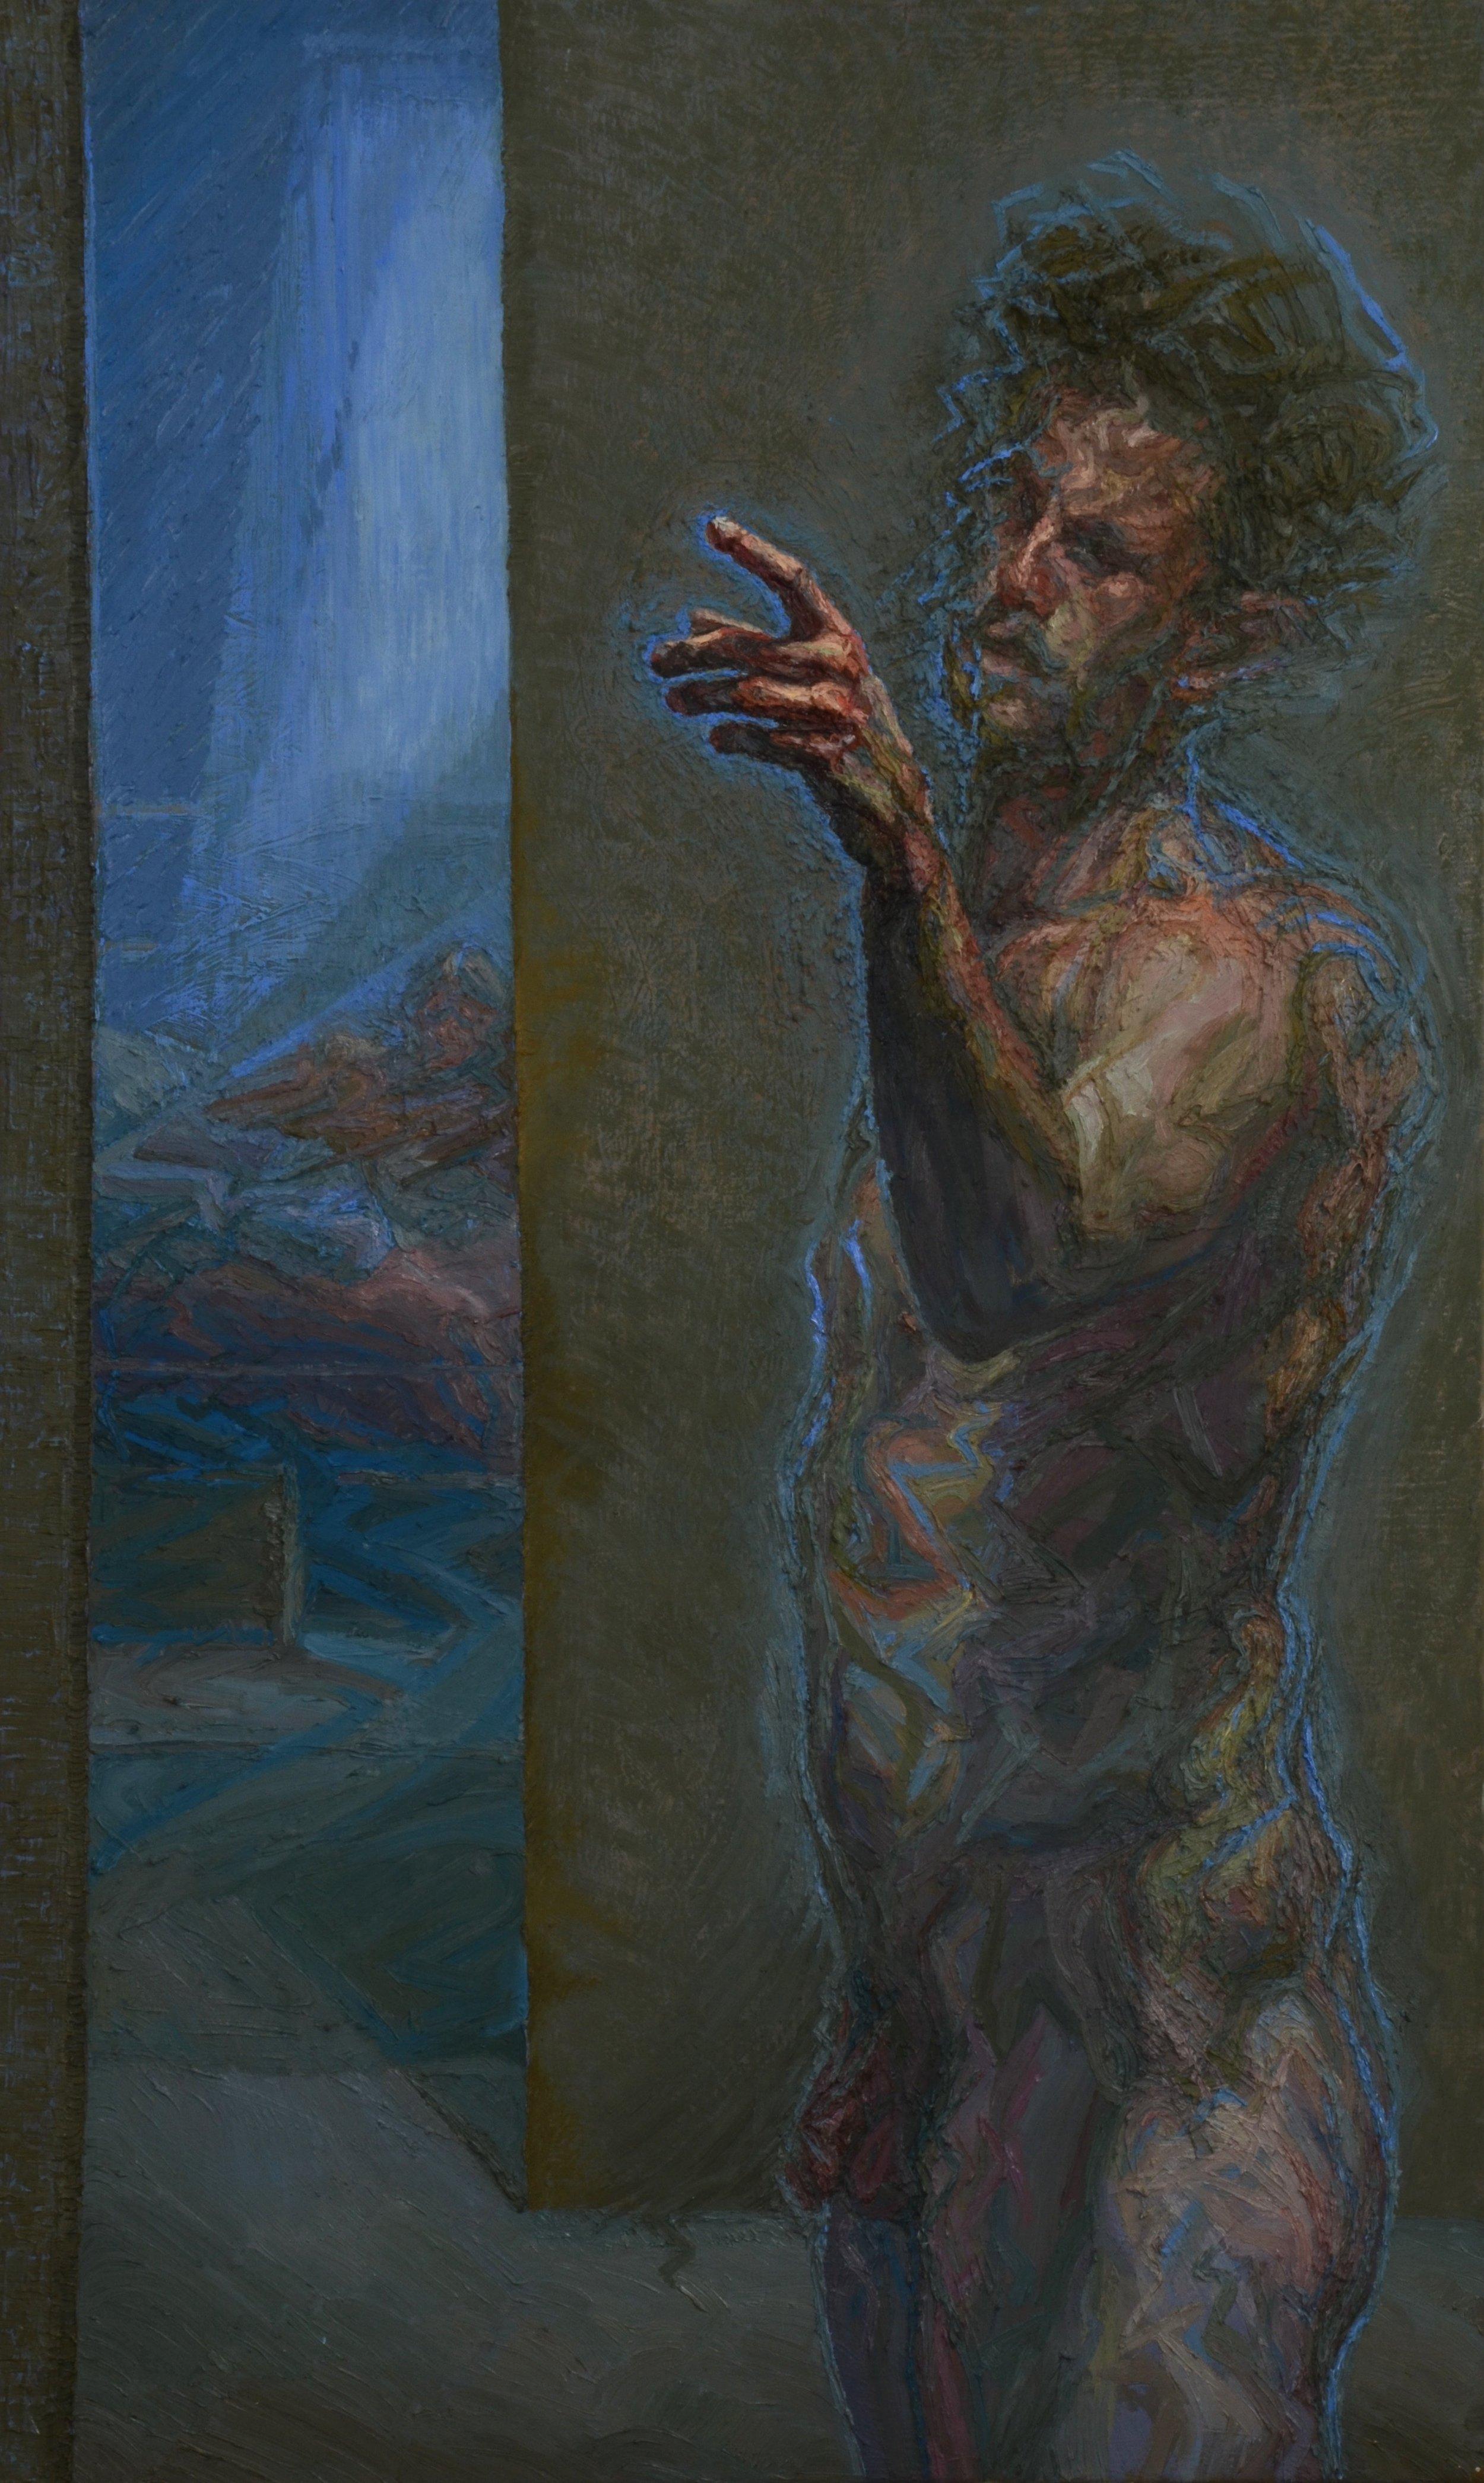 Charlie Schaffer, Self-Portrait in Margate, oil on canvas, 115 x 70 cm,  http://www.charlieschaffer.com